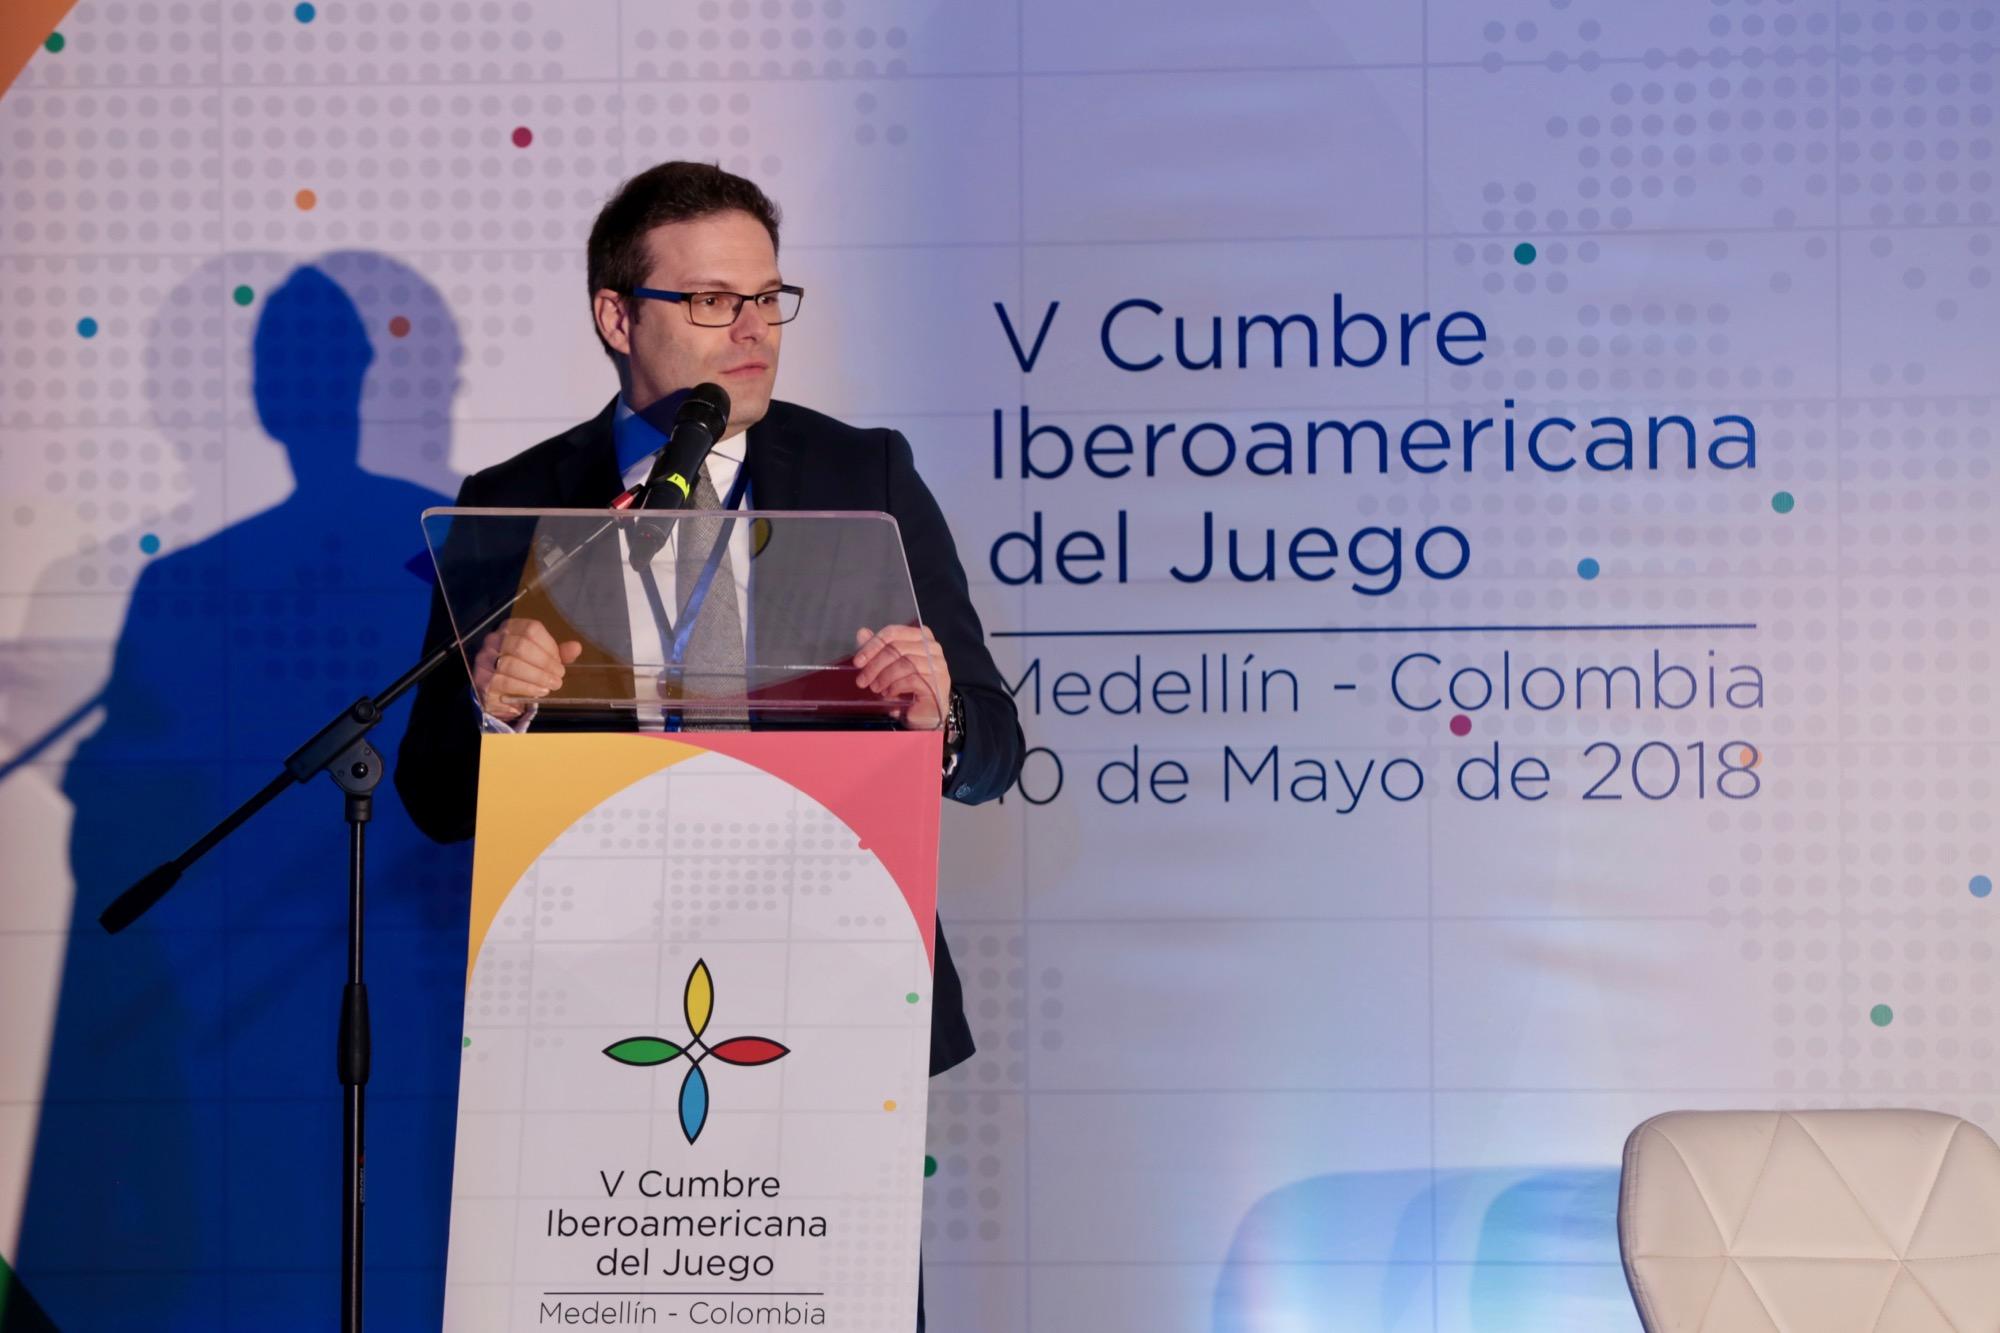 V Cumbre Iberoamericana del Juego